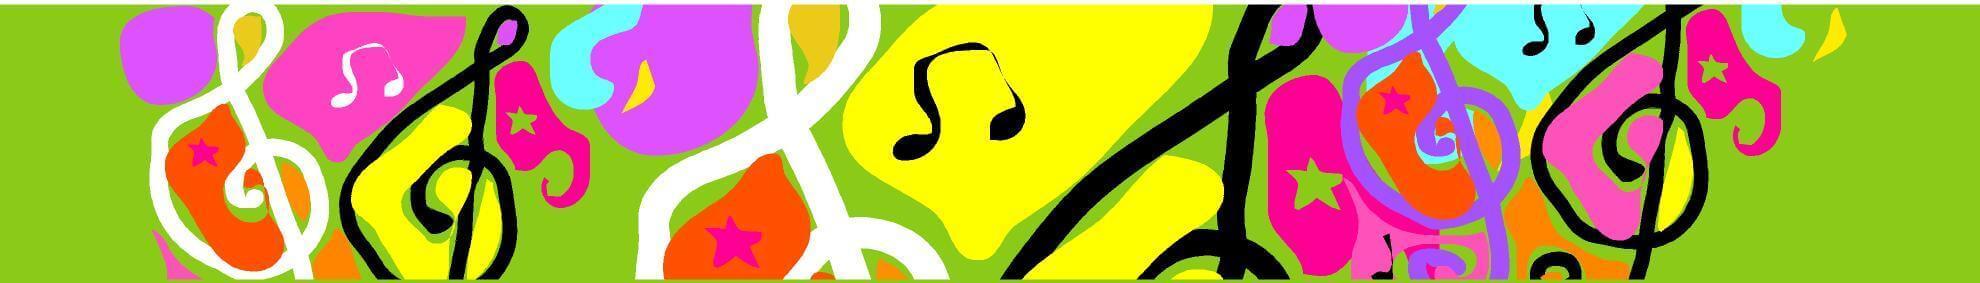 imagen escuela de música huarte 2